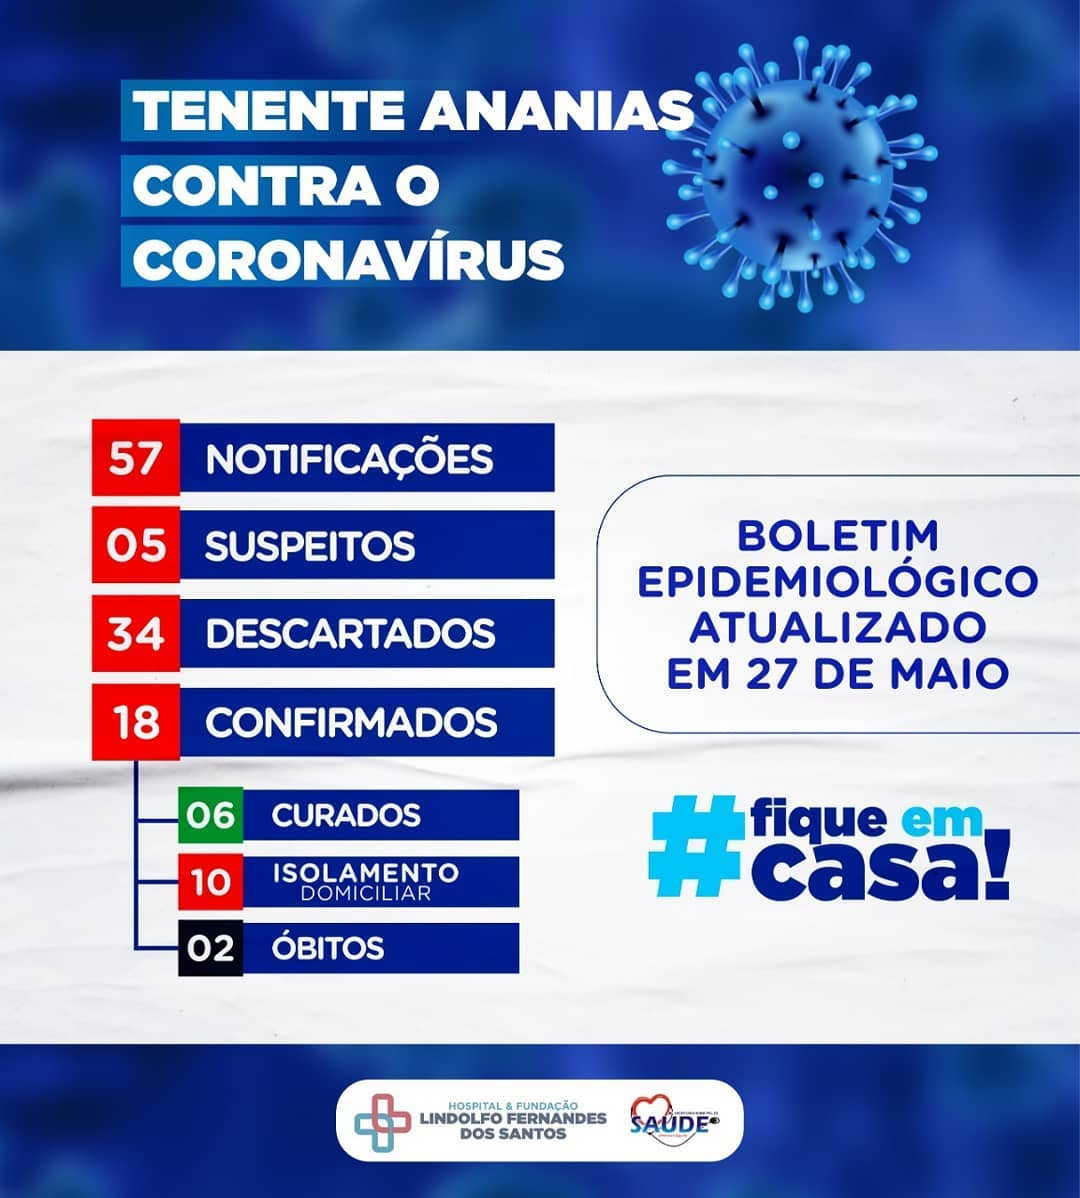 Boletim Epidemiológico, atualizado em 27 de maio de 2020